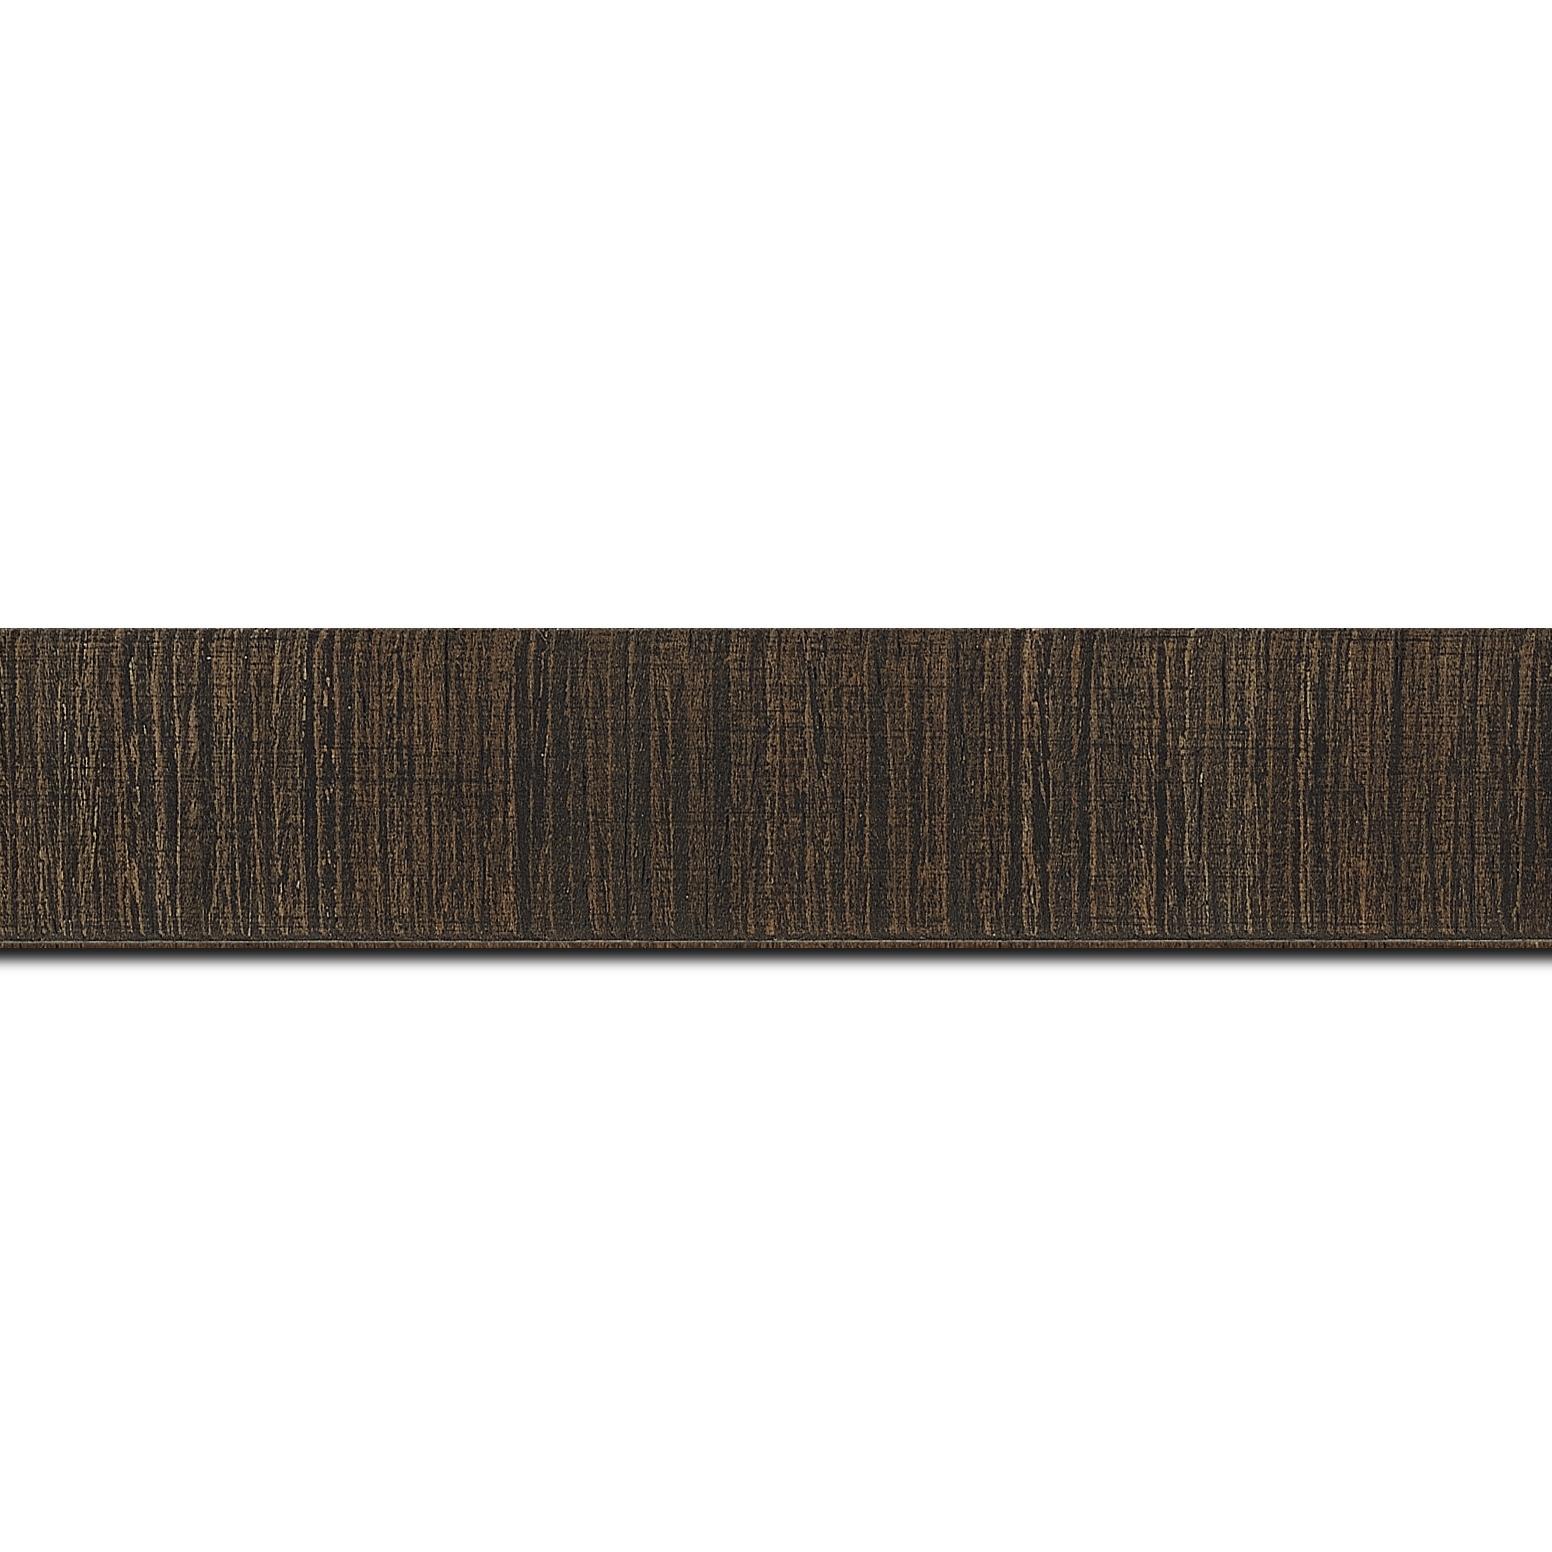 Baguette longueur 1.40m bois profil incurvé largeur 2.8cm plaquage haut de gamme teck noirci